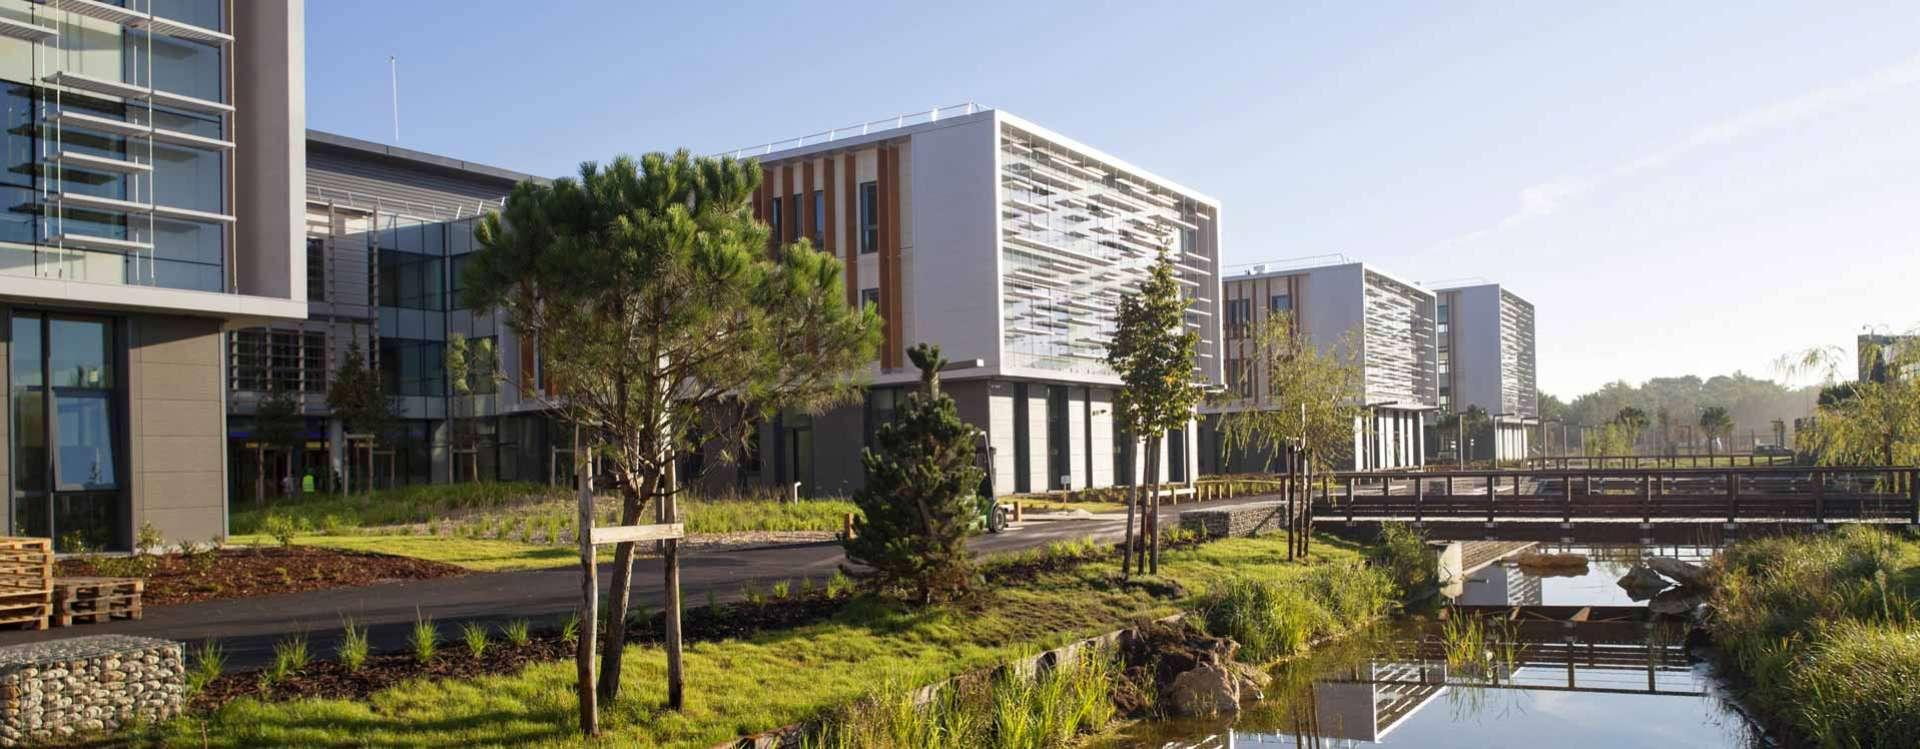 2018 : GA Smart Building franchit une nouvelle étape et fait l'acquisition d'Ossabois